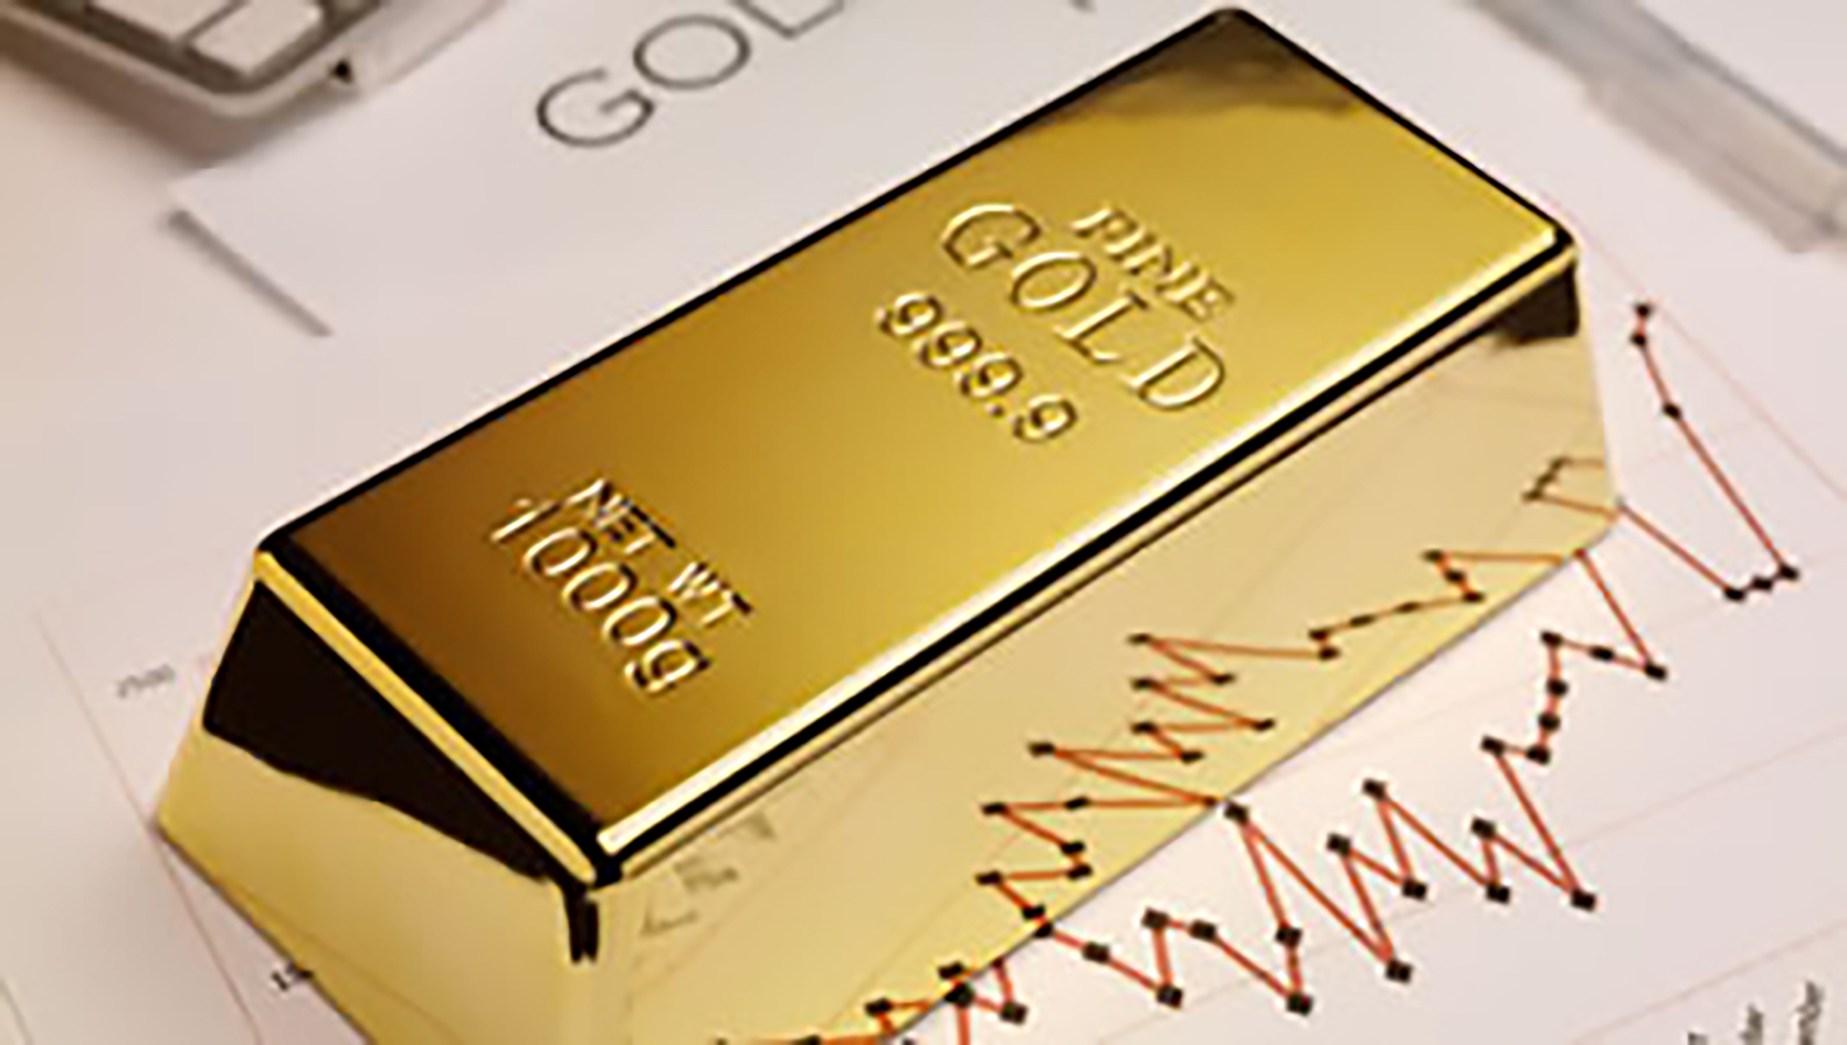 Rebond des cours de l'or vers 1 292 dollars